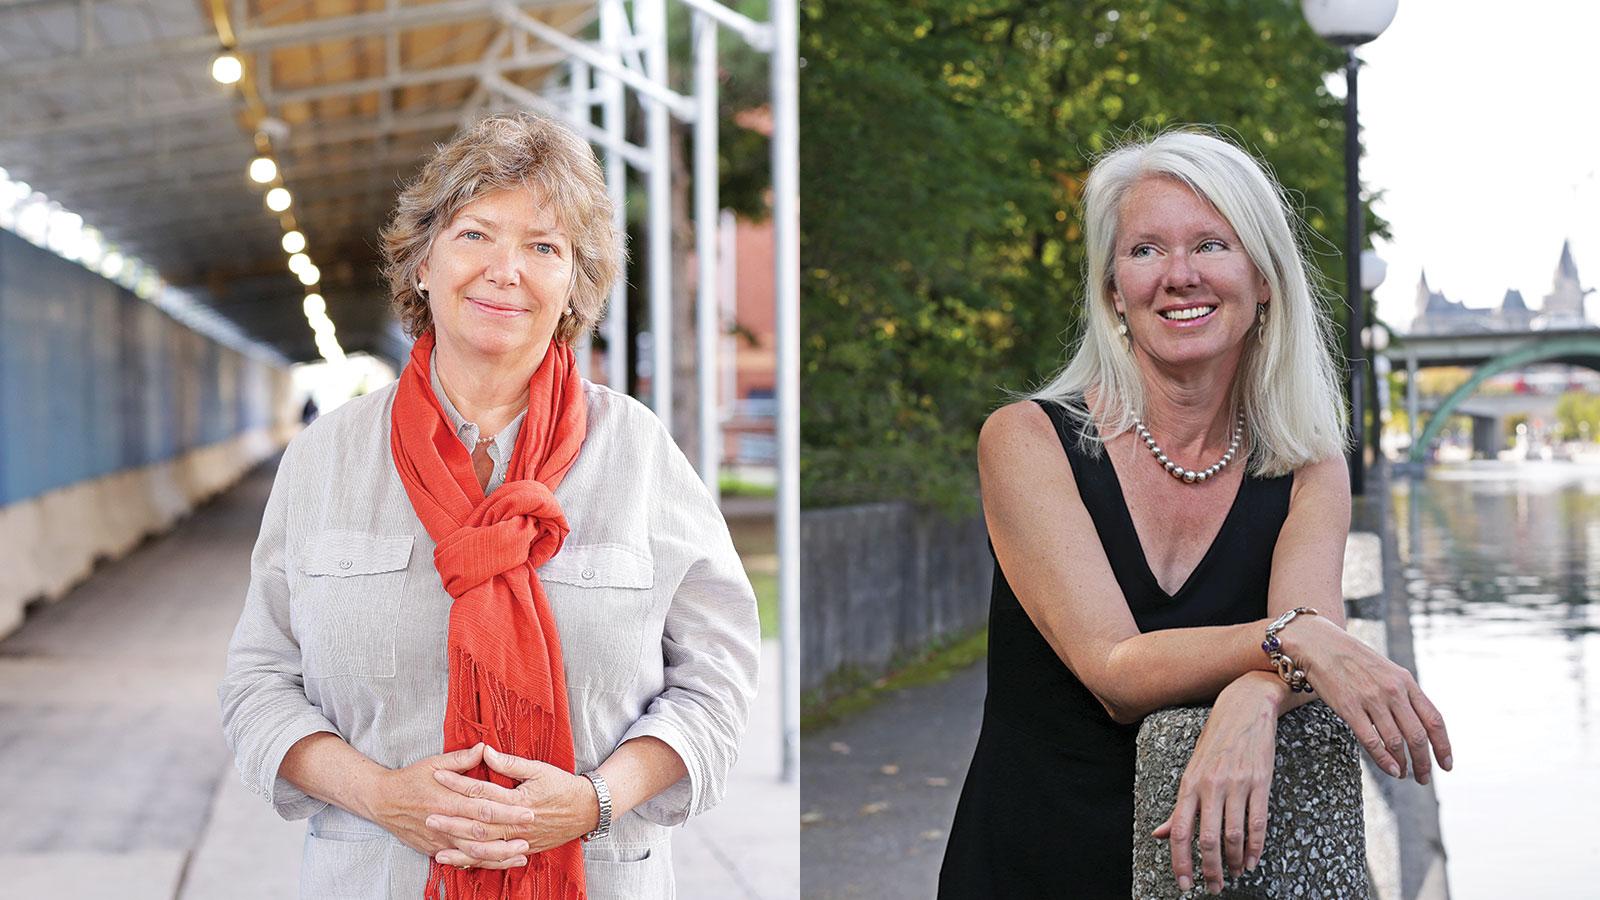 Katherine Lippel and Lori Beaman